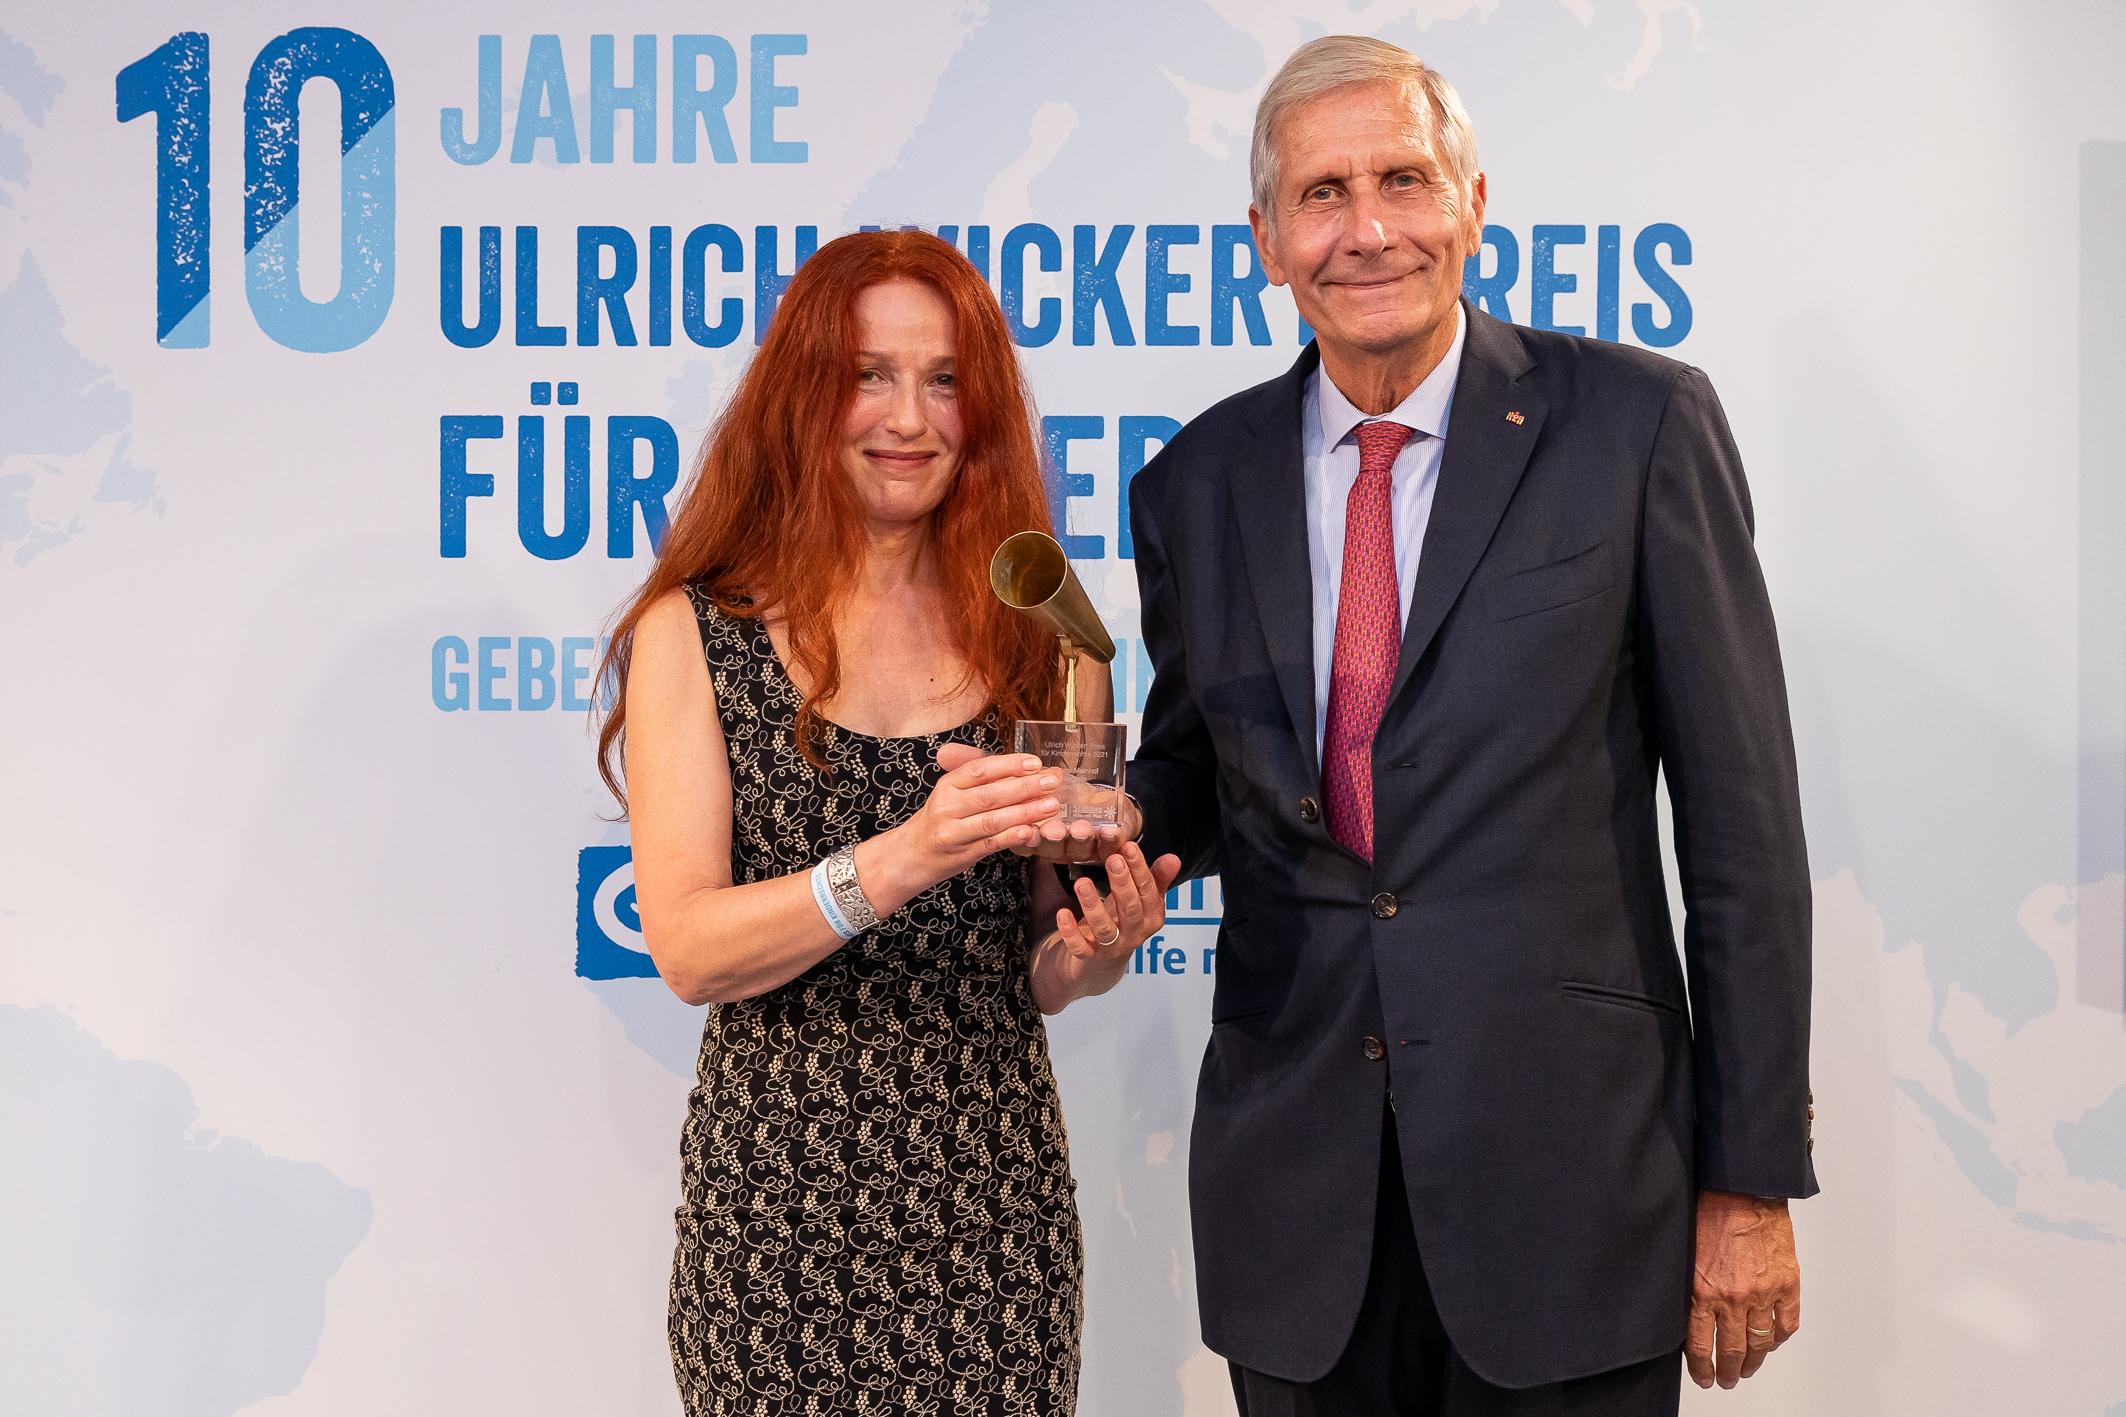 Preis für Kinderrechte in Berlin verliehen. (Foto: OTS)